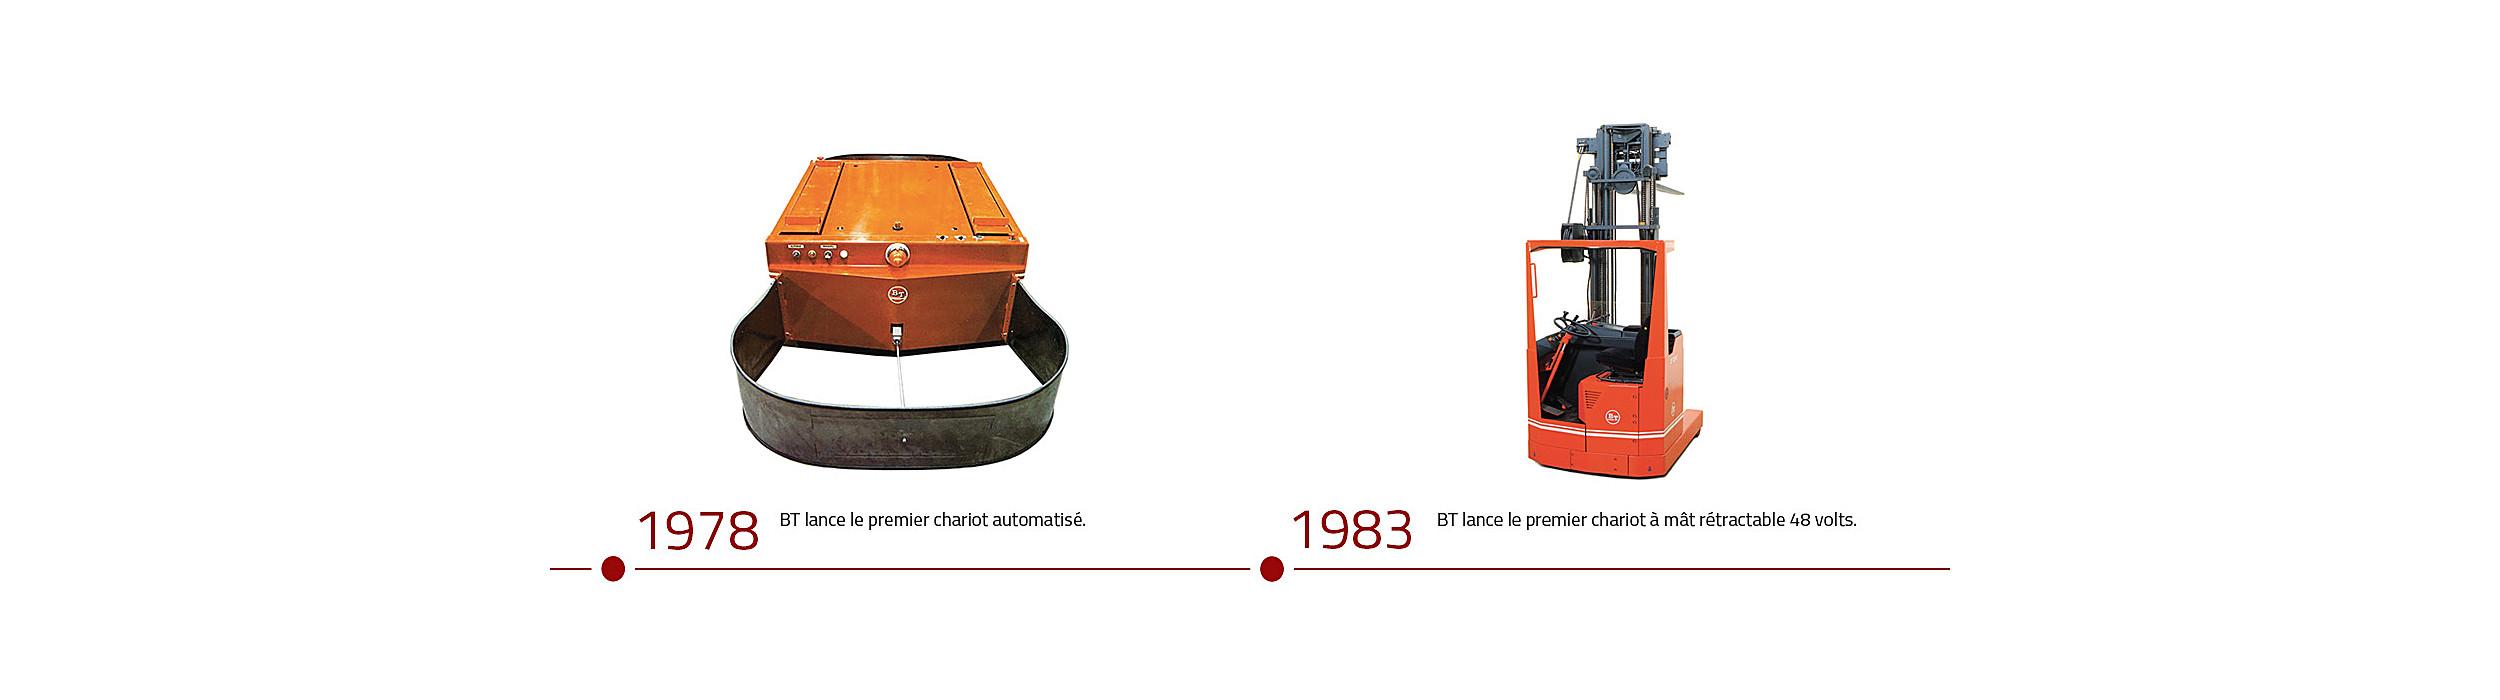 Retour sur l'histoire de Toyota Material Handling, avec le lancement de son premier chariot automatisé en 1978